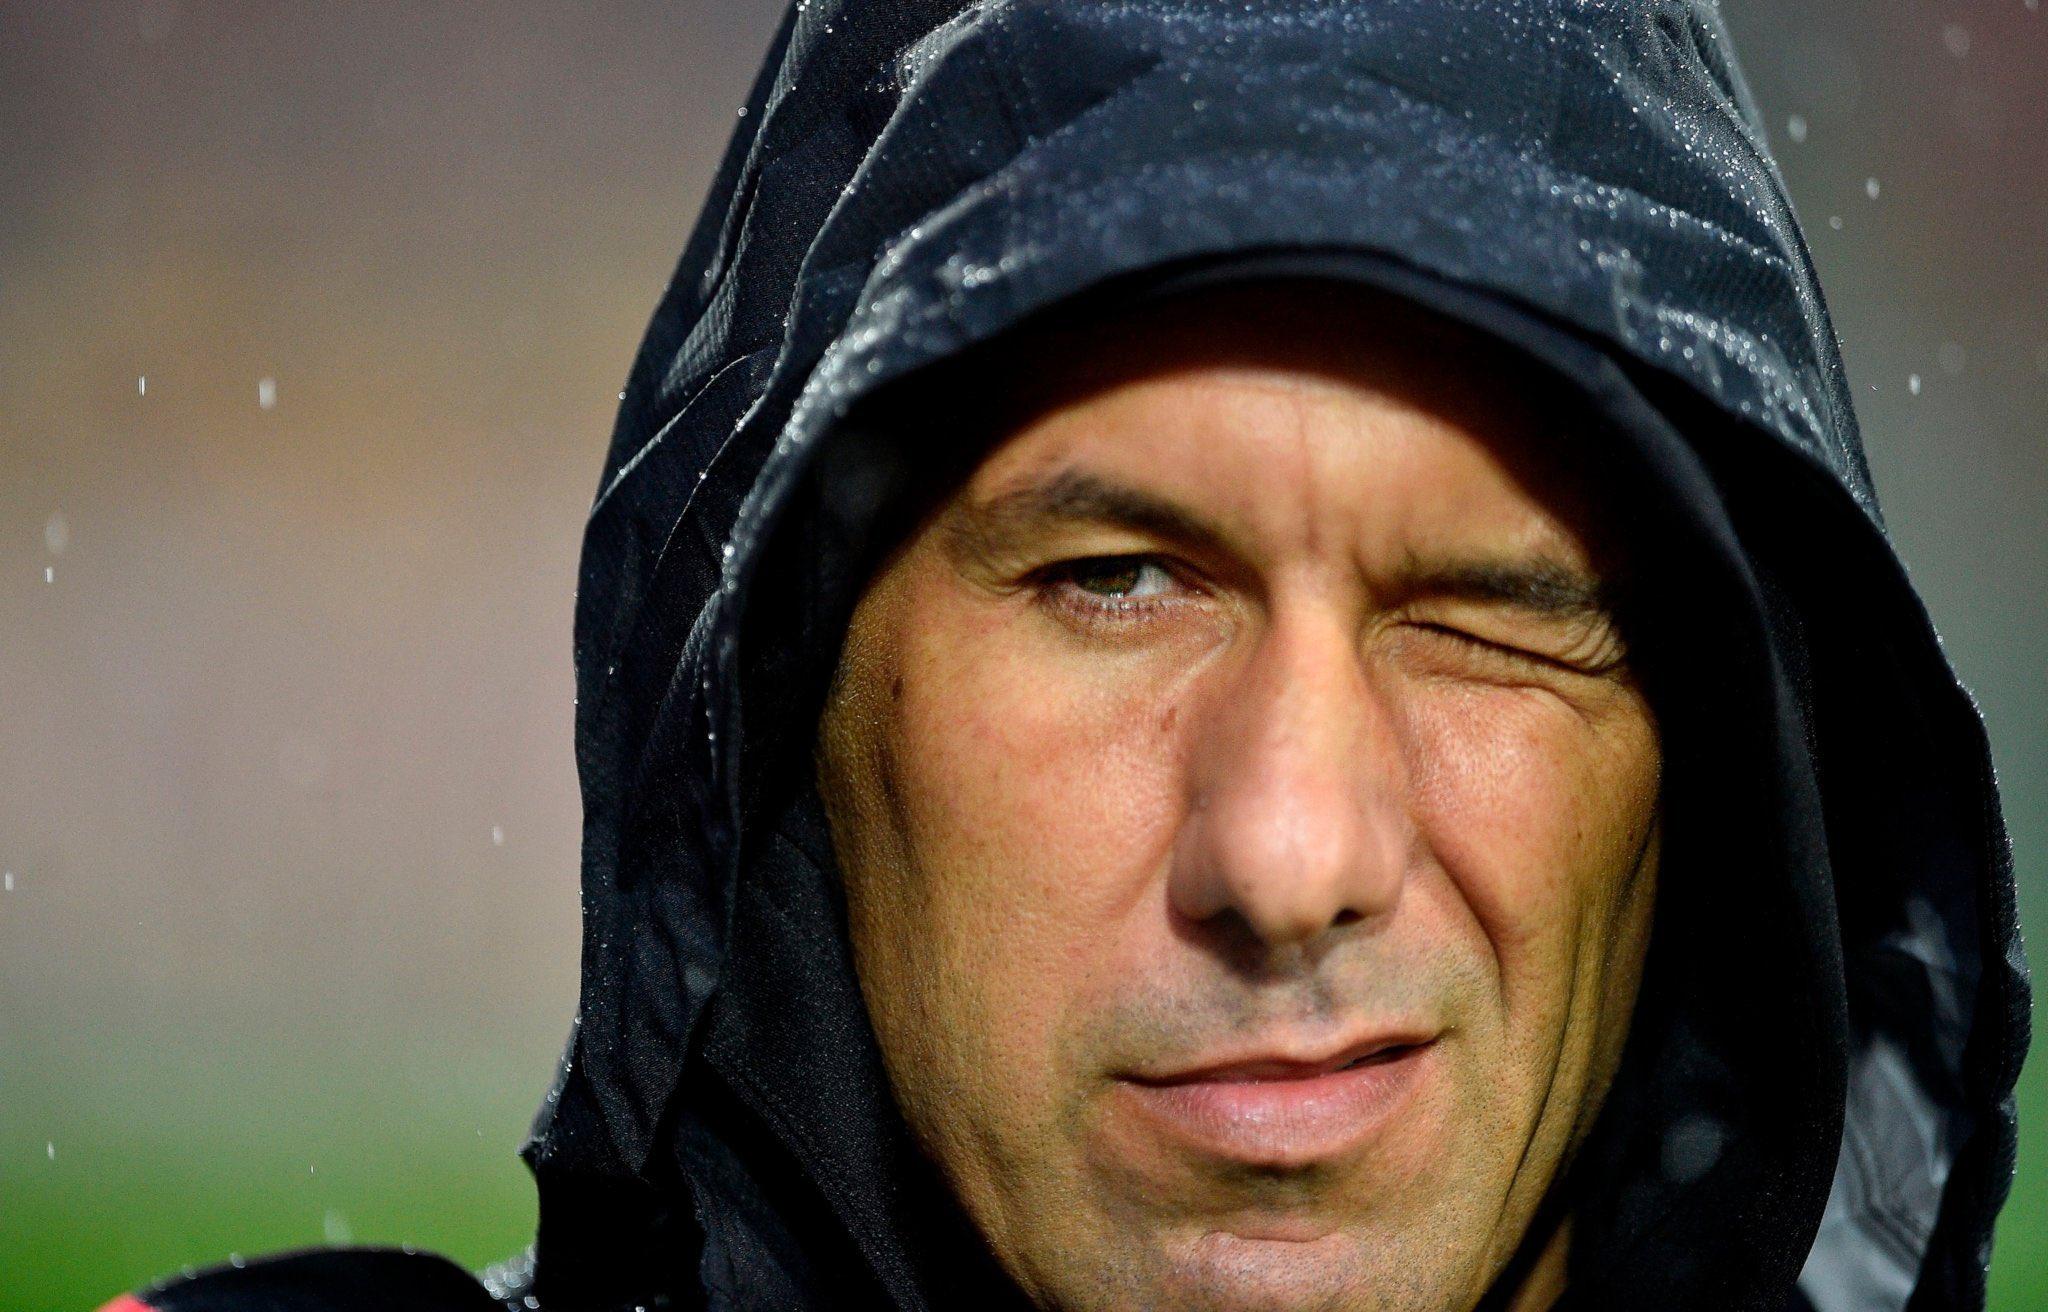 🔵 - المدرب جارديم يمنح اللاعبين راحة عن التدريبات يوم غدٍ الإثنين بعد الجهد المبذول في الفترة الماضية.